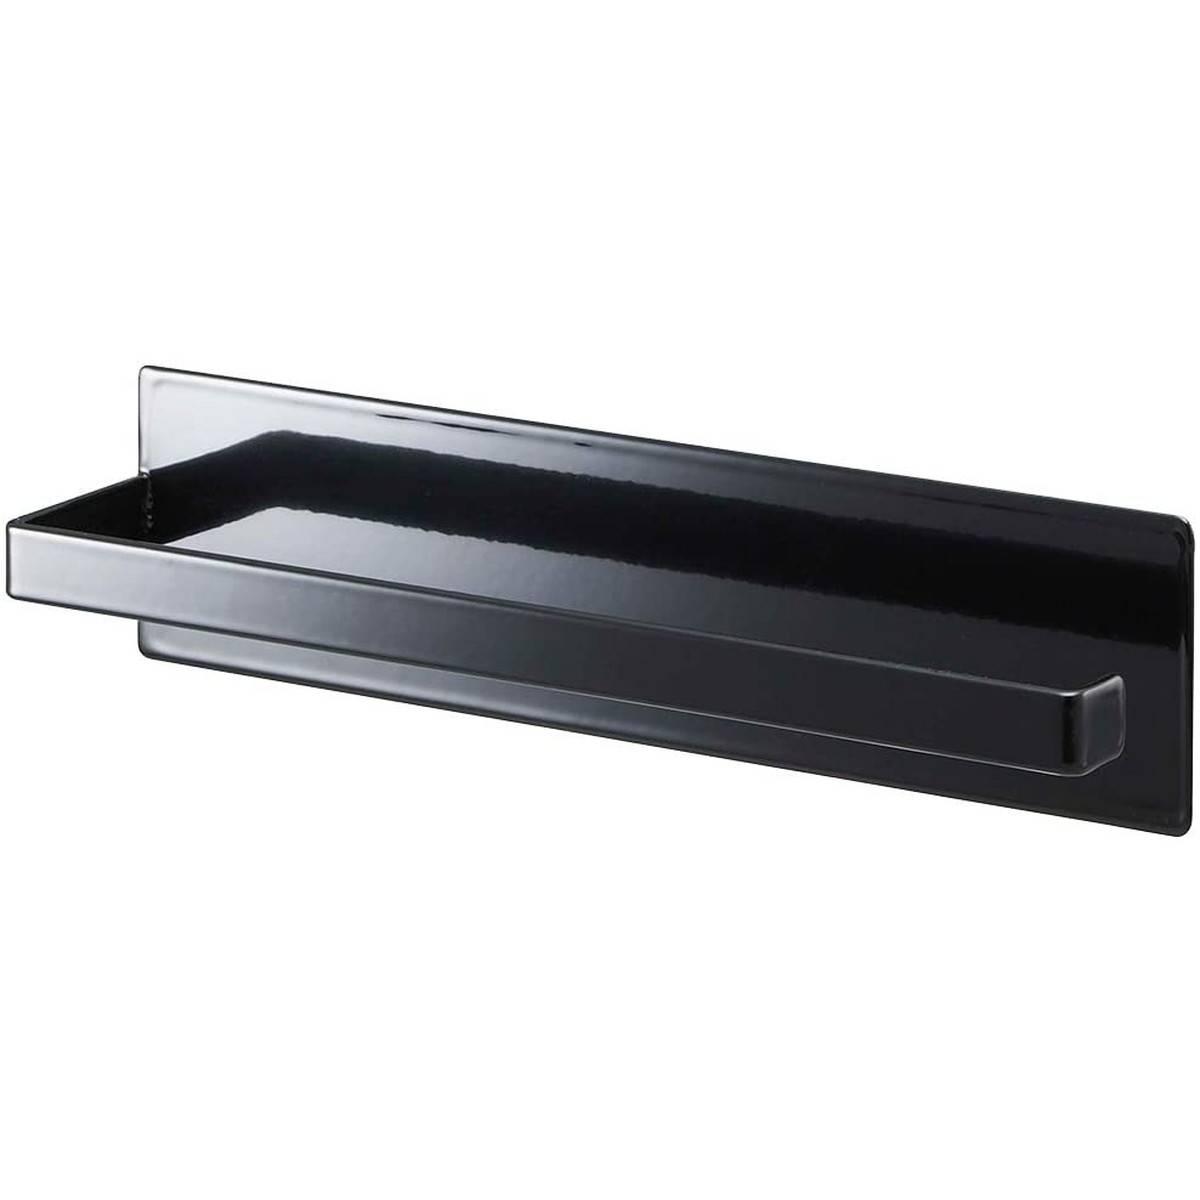 山崎実業 :マグネットキッチンペーパーホルダー タワー ブラック :07128